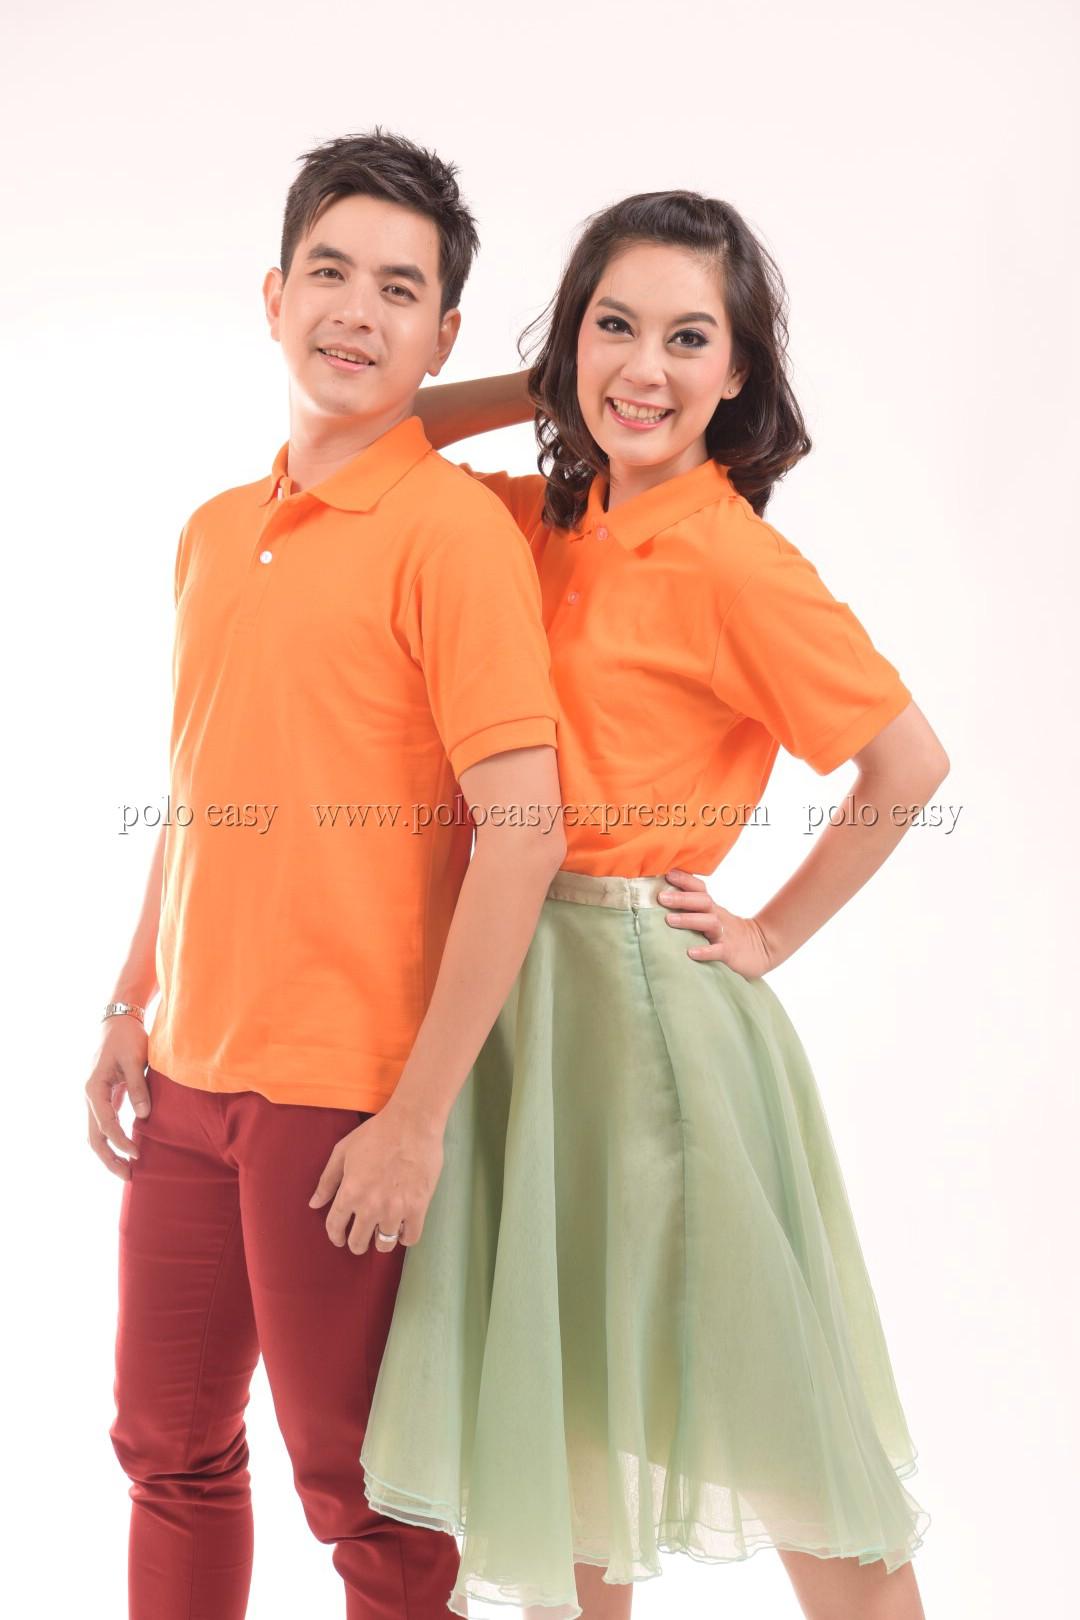 เสื้อโปโล สีส้ม TK Premium แขนสั้น ทรงตรง Size 4XL